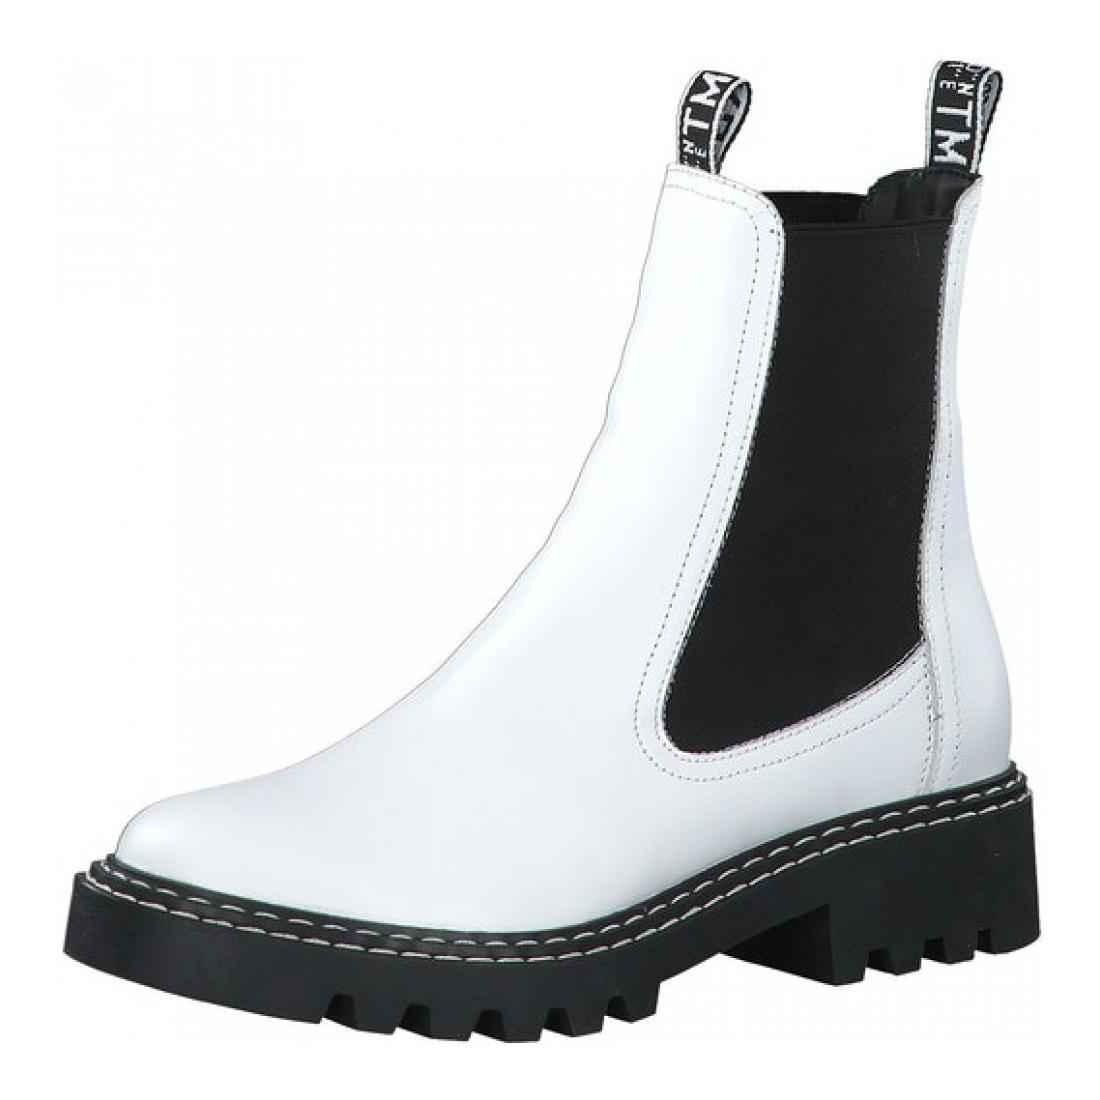 Tamaris Boots WHITE